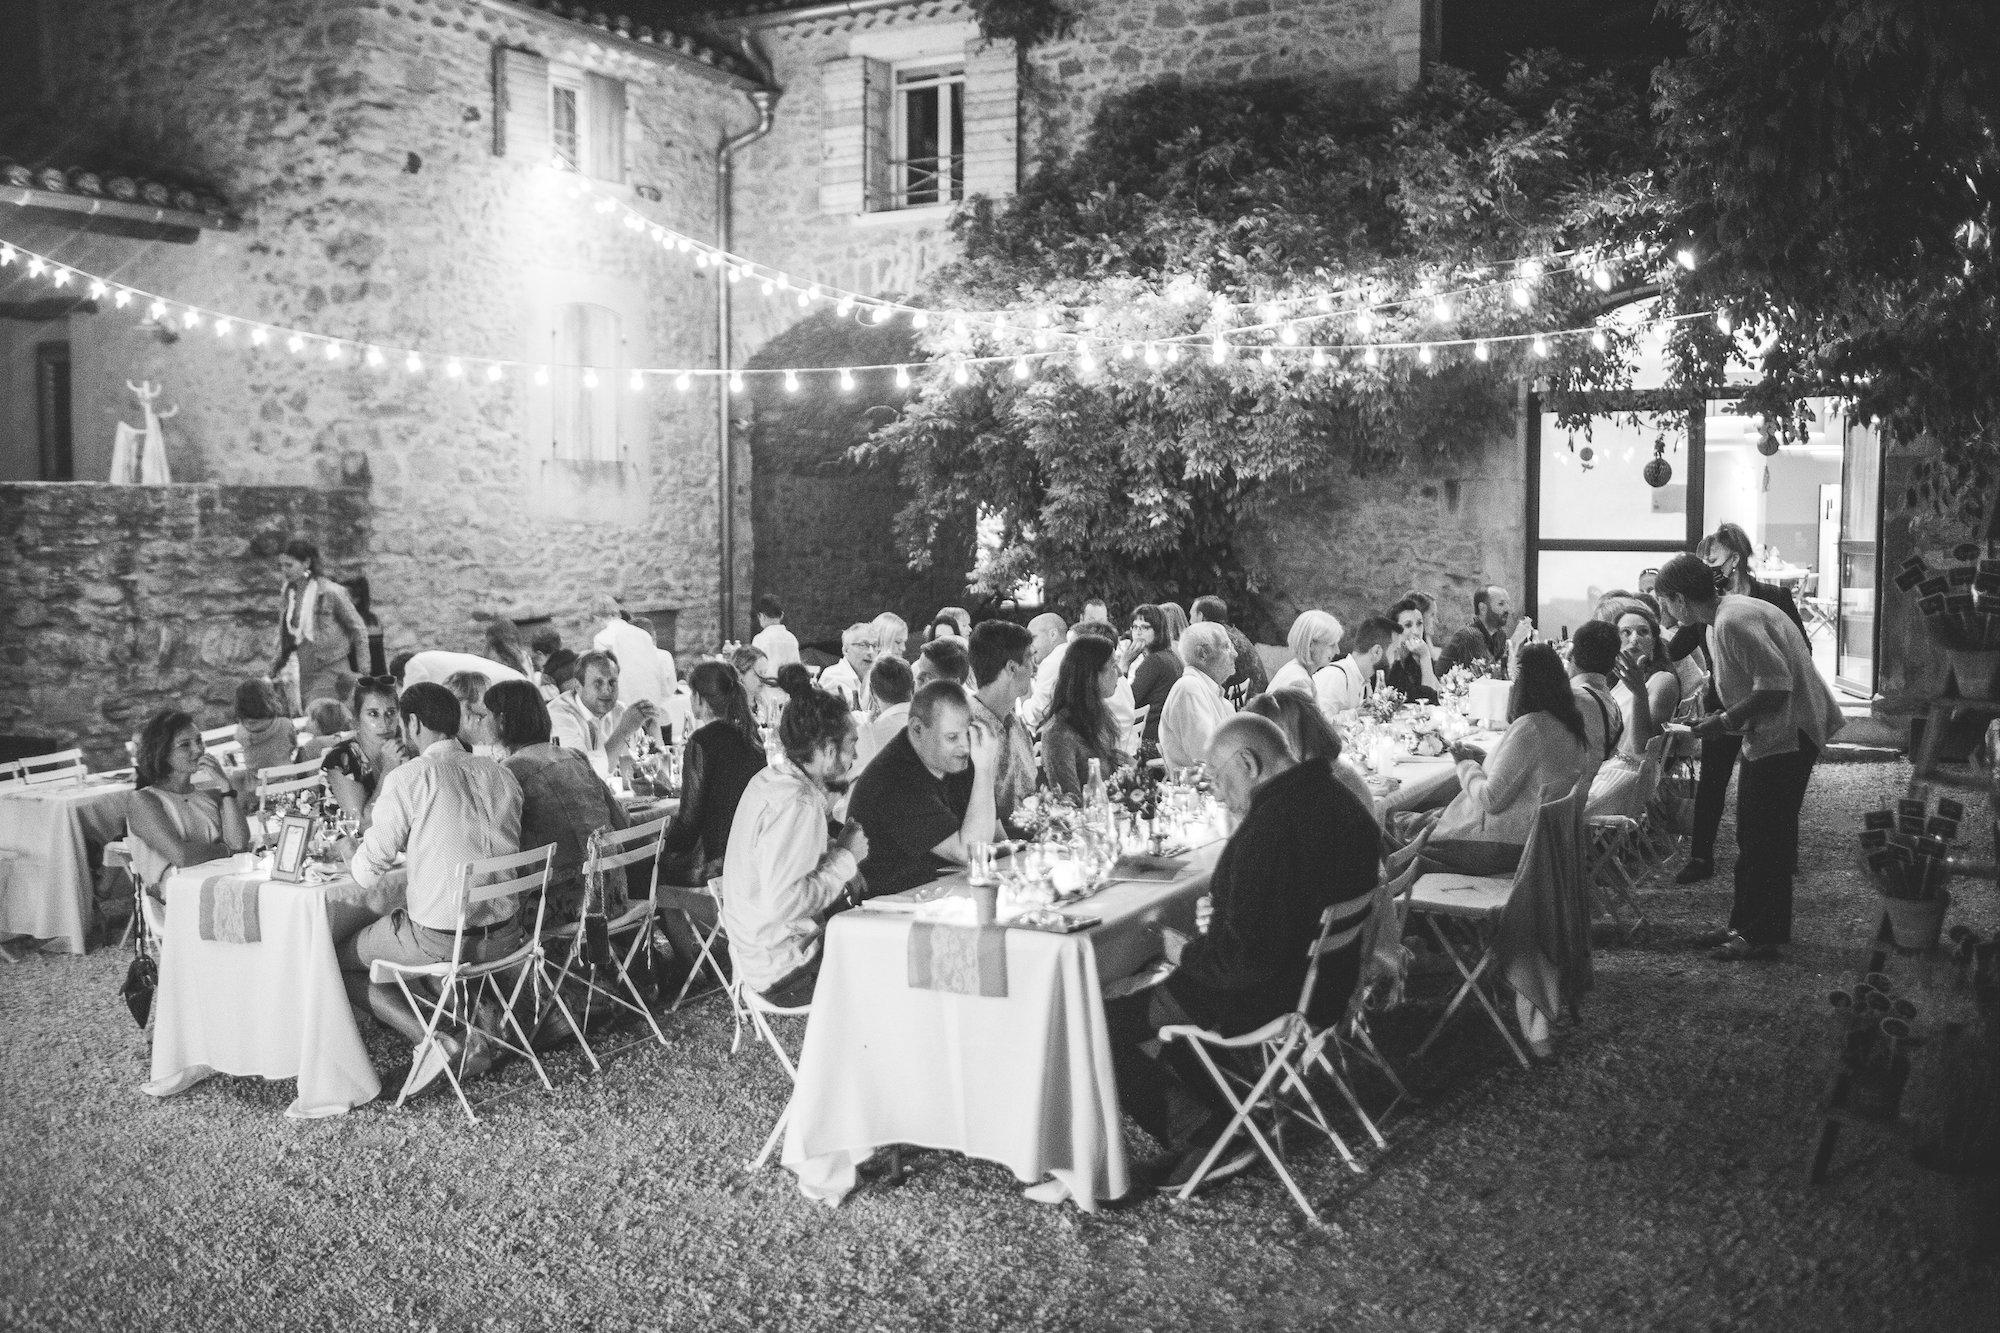 le coeur dans les etoiles - wedding planner - gard - provence - mariage provence - L&C - sebastien cabanes - repas